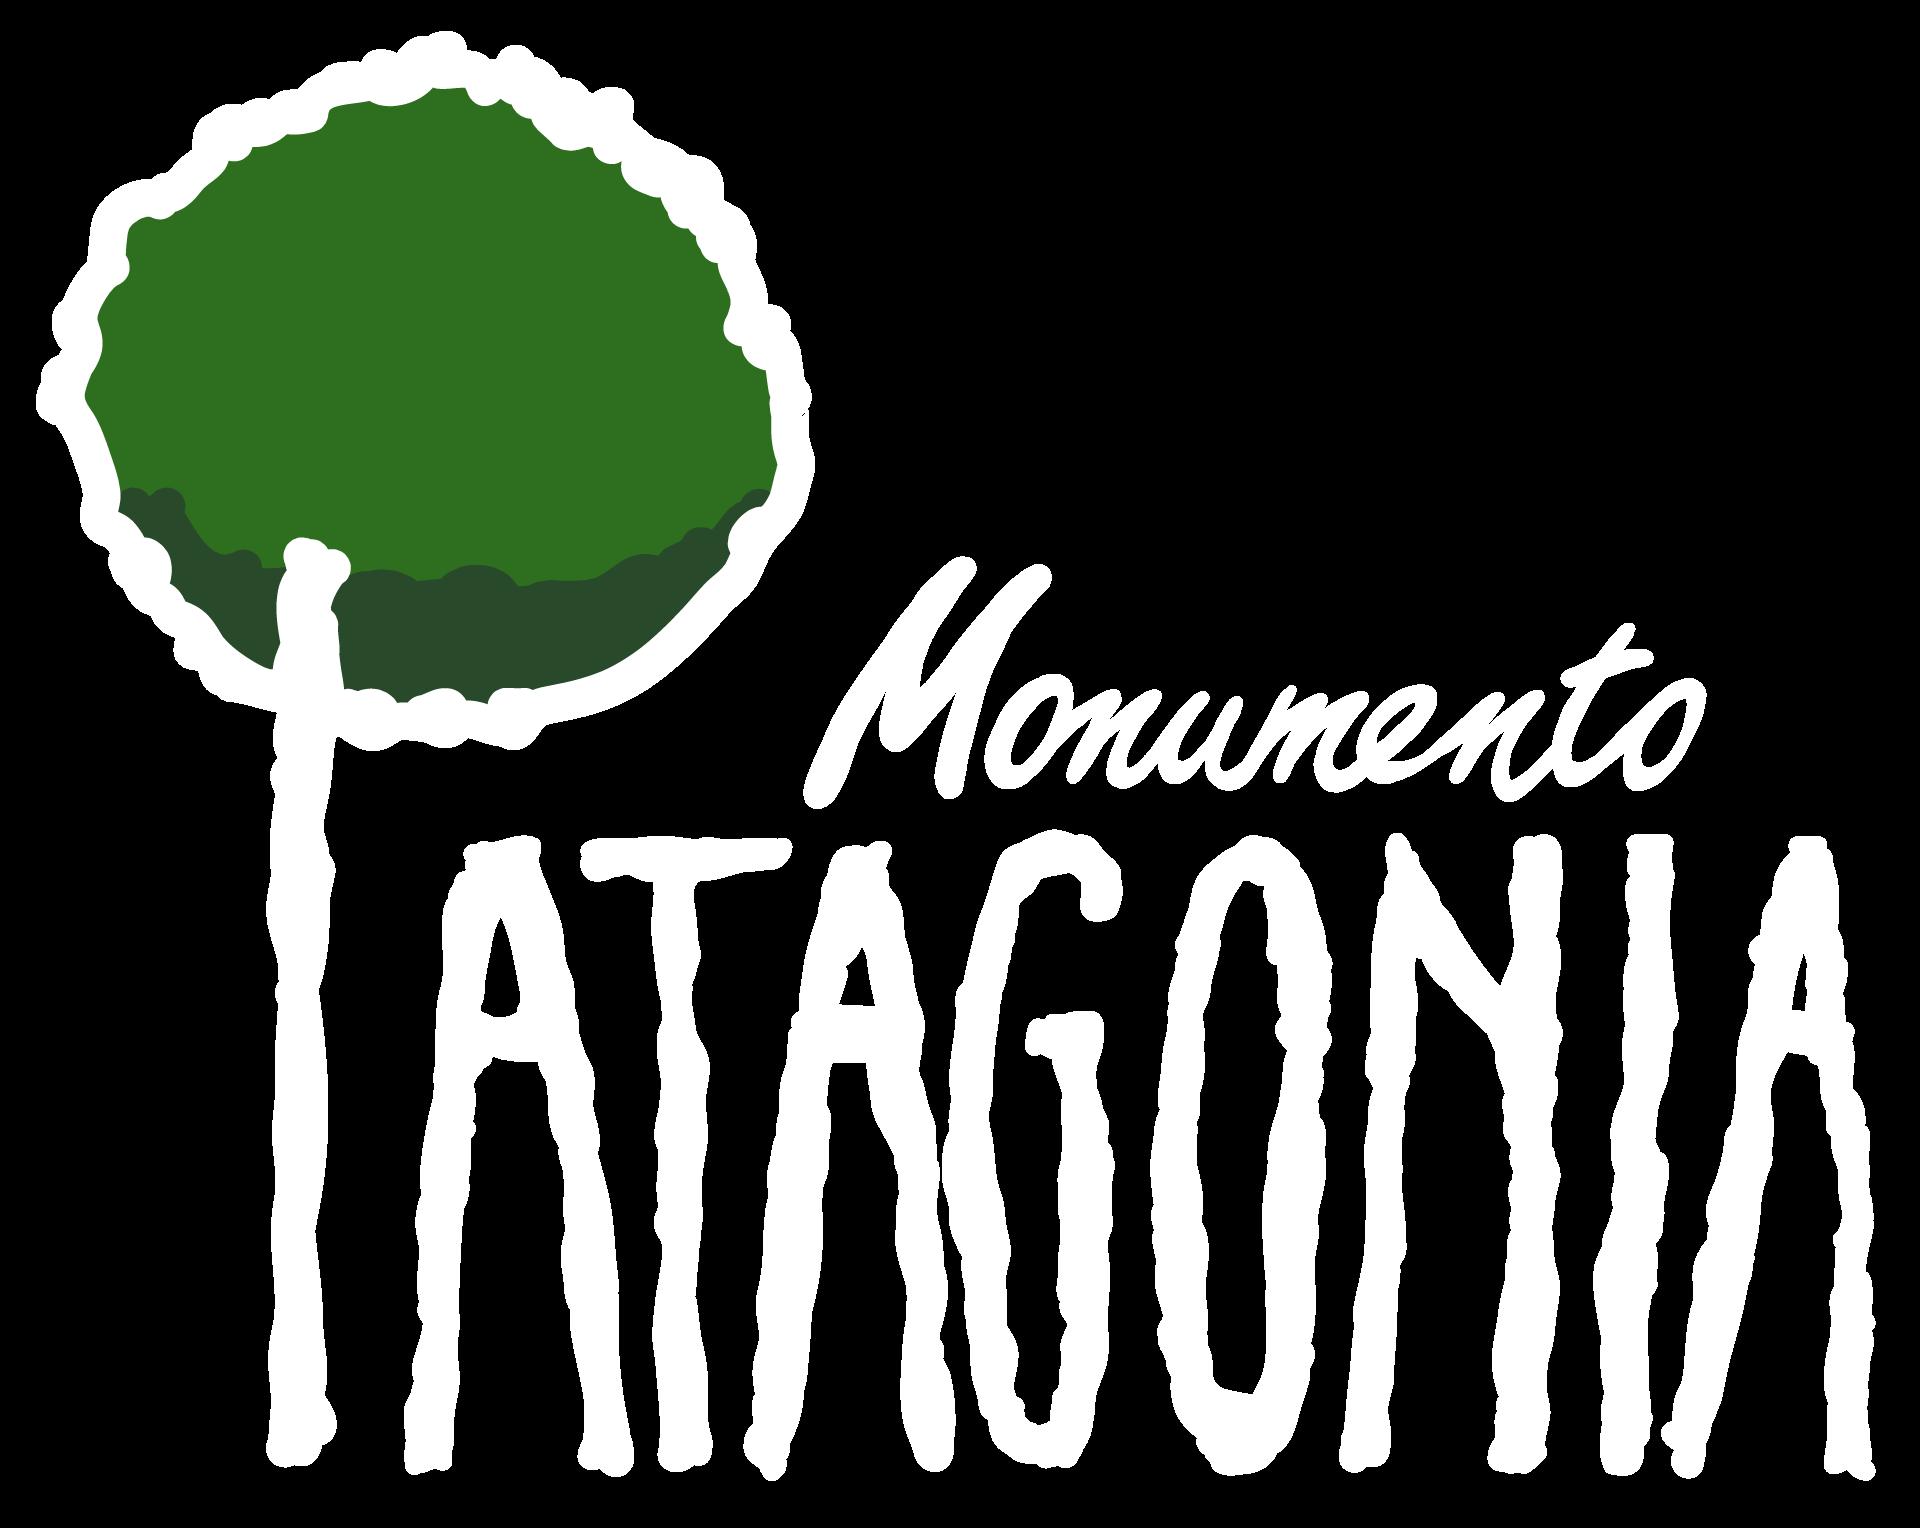 Monumento Patagonia